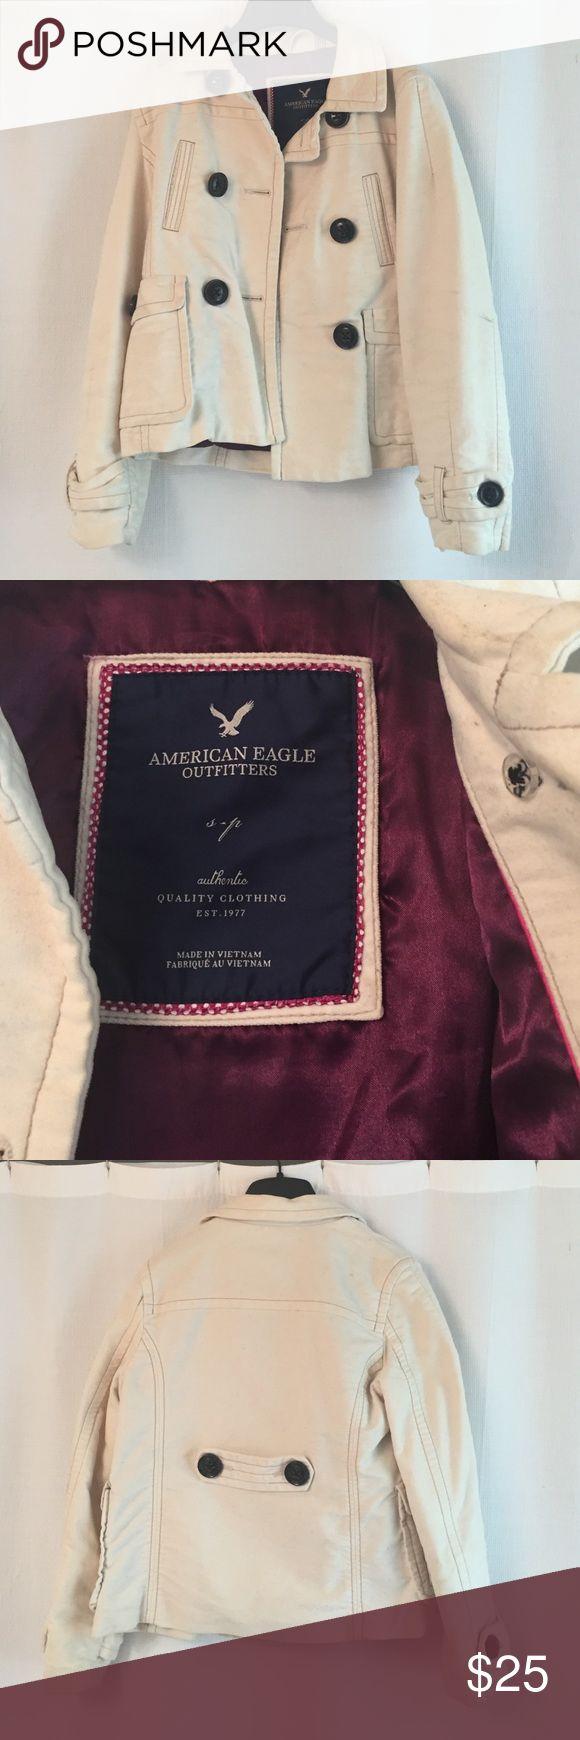 AE pea coat AE off-white pea coat American Eagle Outfitters Jackets & Coats Pea Coats